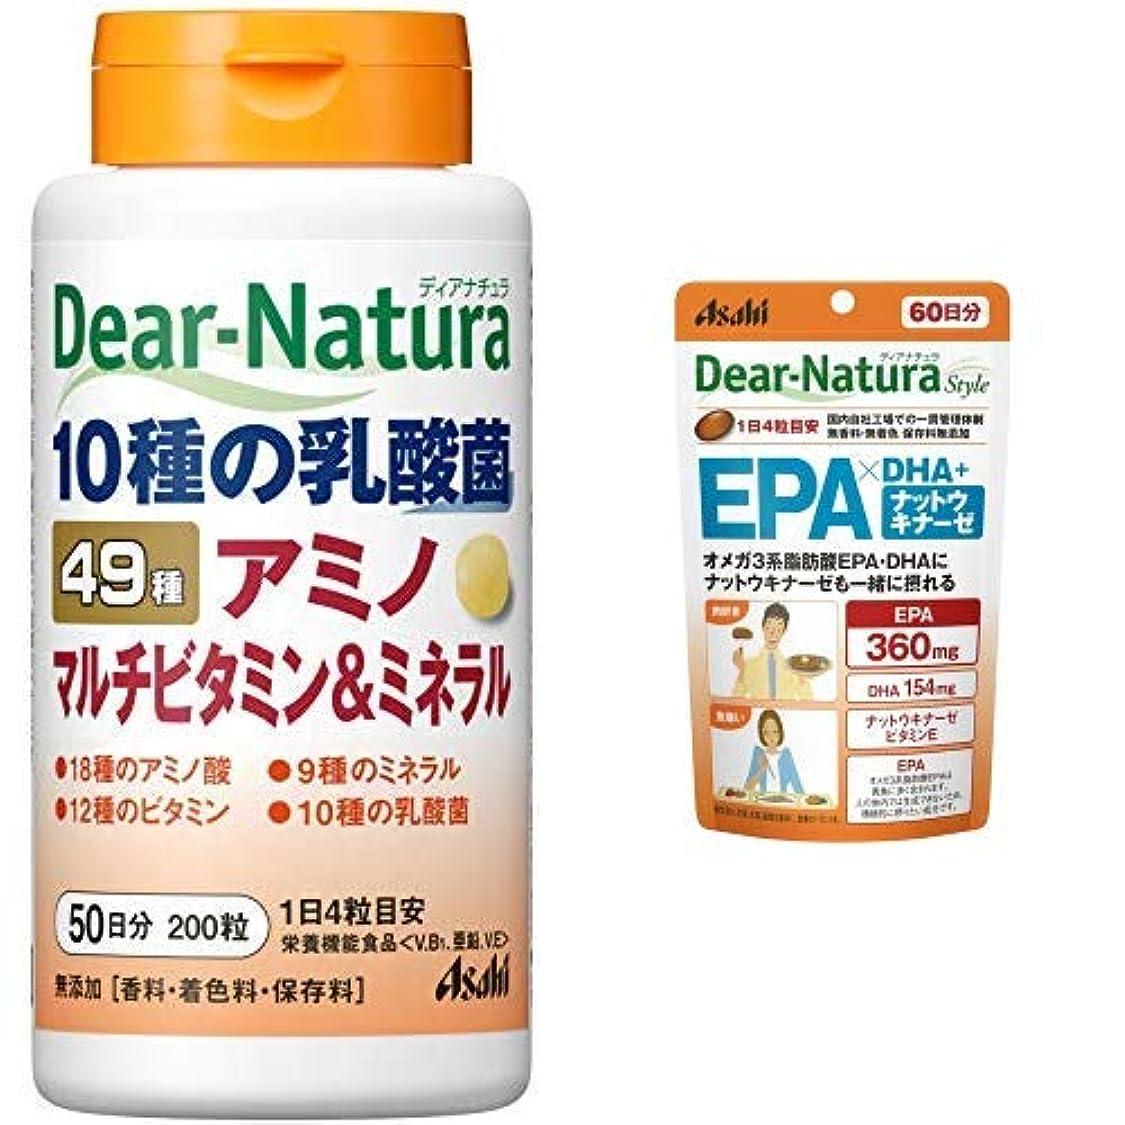 アルプス僕の心のこもった【セット買い】ディアナチュラ マルチビタミン&ミネラル 50日分 & EPA×DHA+ナットウキナーゼ 60日分